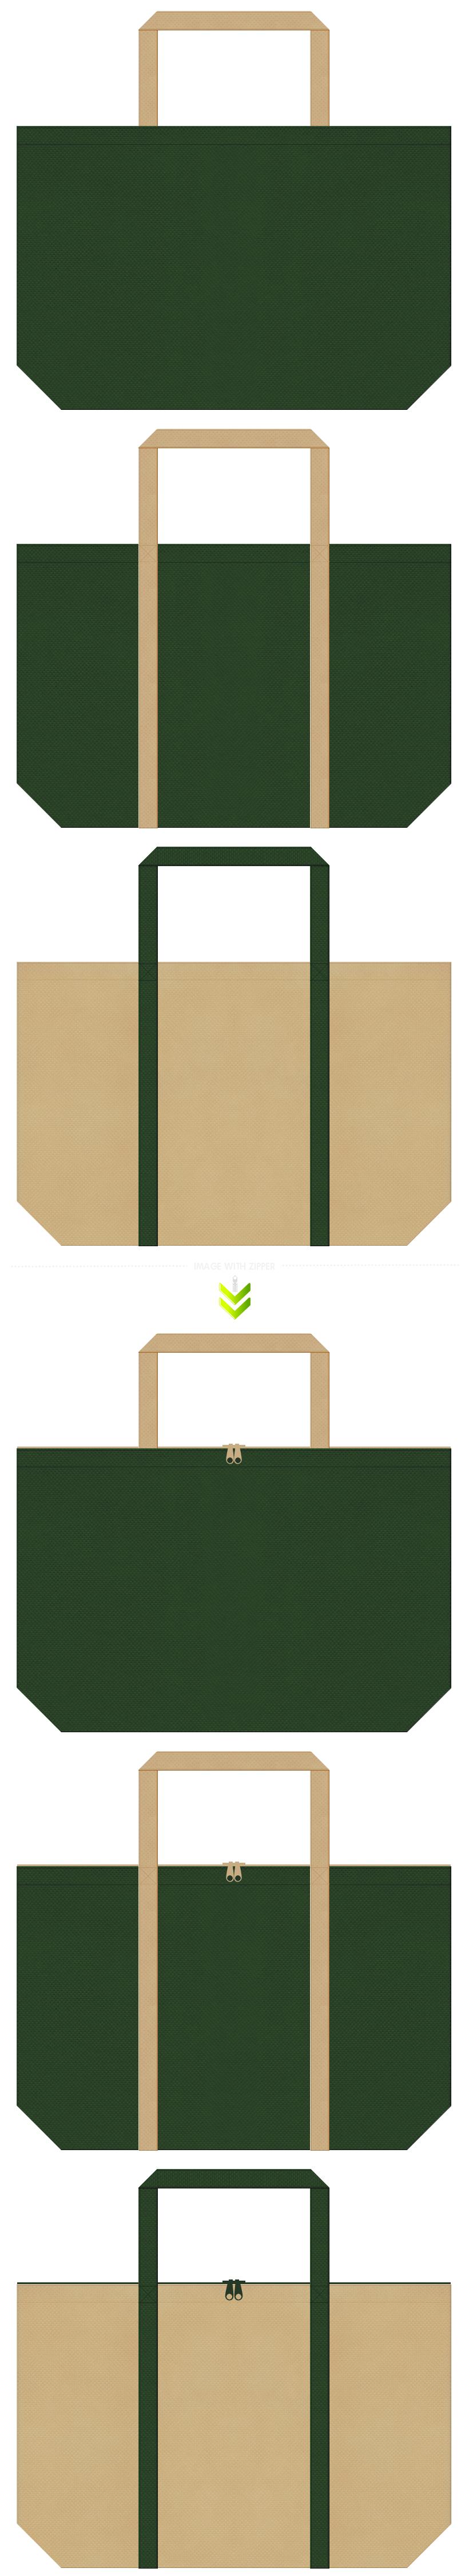 アンティーク・ヴィンテージ・動物園・テーマパーク・探検・迷彩色・ジャングル・恐竜・サバンナ・サファリ・アニマル・DIY・登山・アウトドア・キャンプ用品のショッピングバッグにお奨めの不織布バッグデザイン:濃緑色・深緑色とカーキ色のコーデ